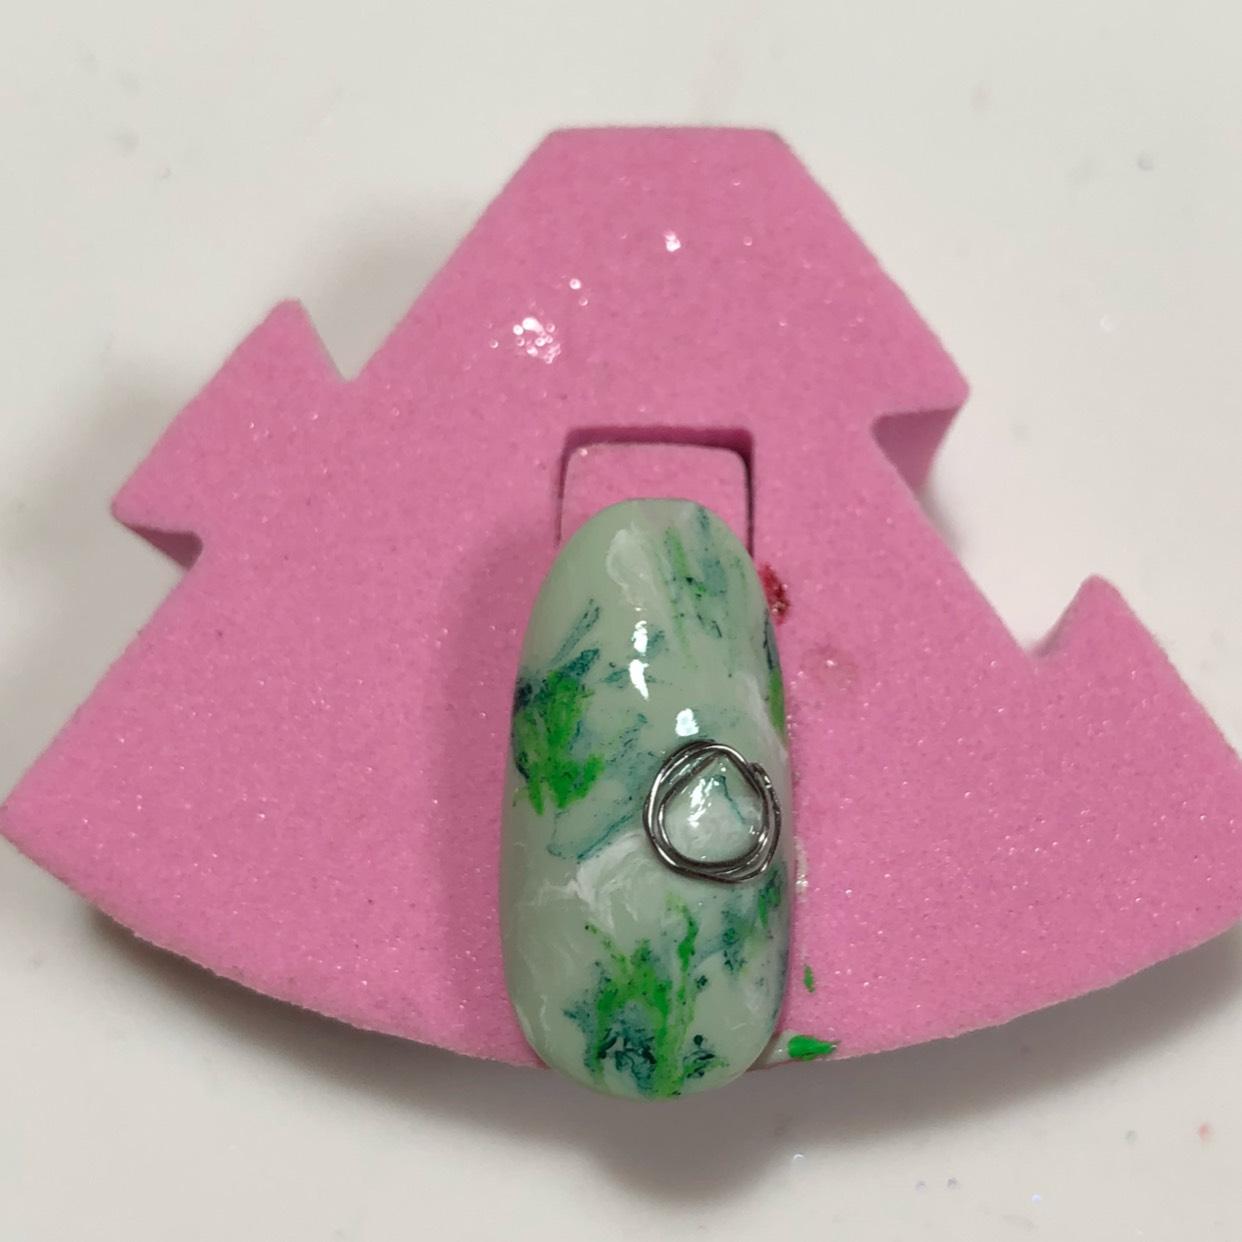 最後にニュアンスネイルでよく使われている銀のパーツをマルめて付けて硬化します